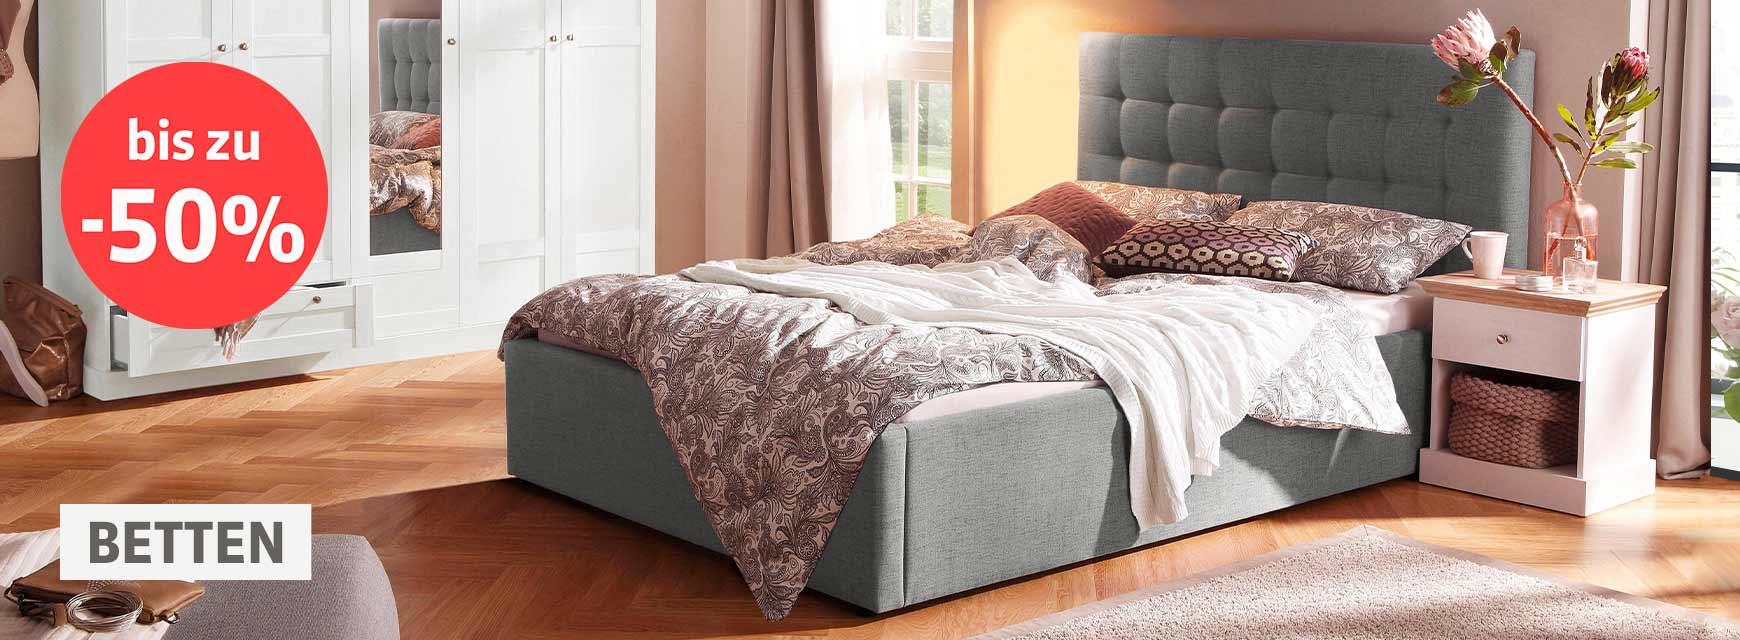 Full Size of Polsterbett 200x220 Betten Online Kaufen Schlafen Sie Besser Schlafweltde Bett Wohnzimmer Polsterbett 200x220